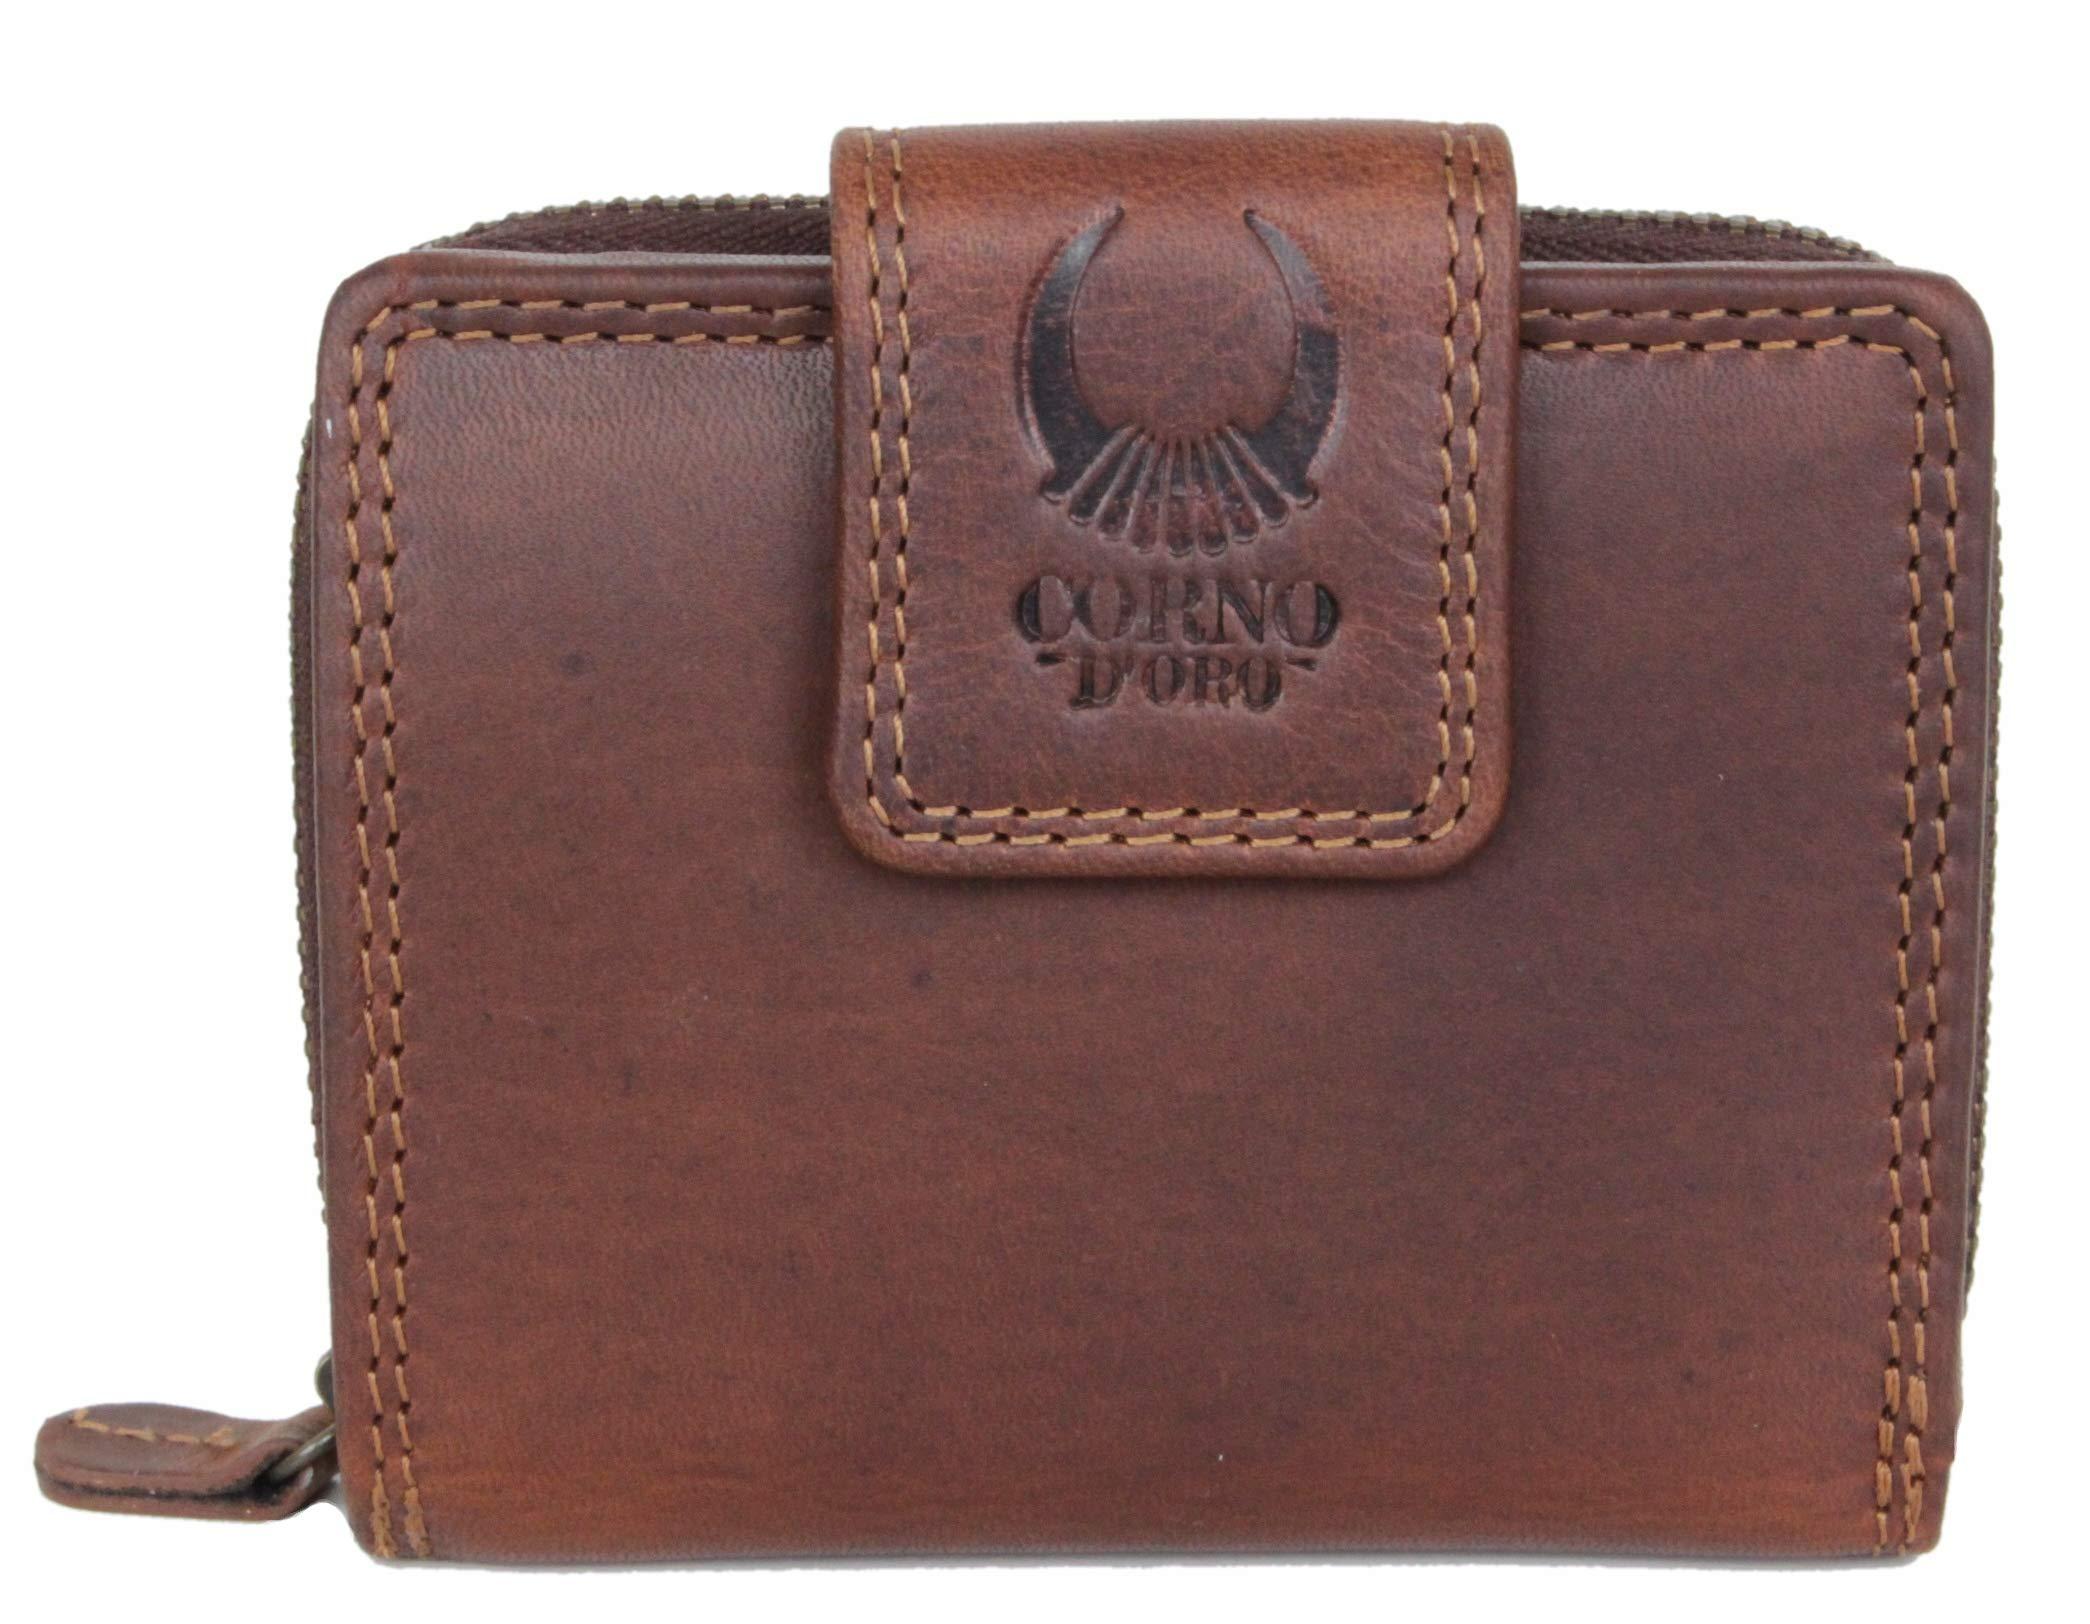 1d166576cd320 Geldbörse Damen Leder Herren Portemonnaie kompakte Portmonee Geldbeutel  Kreditkartenetui Wallet Brieftasche Organizer Vintage aus hochwertigem Echt